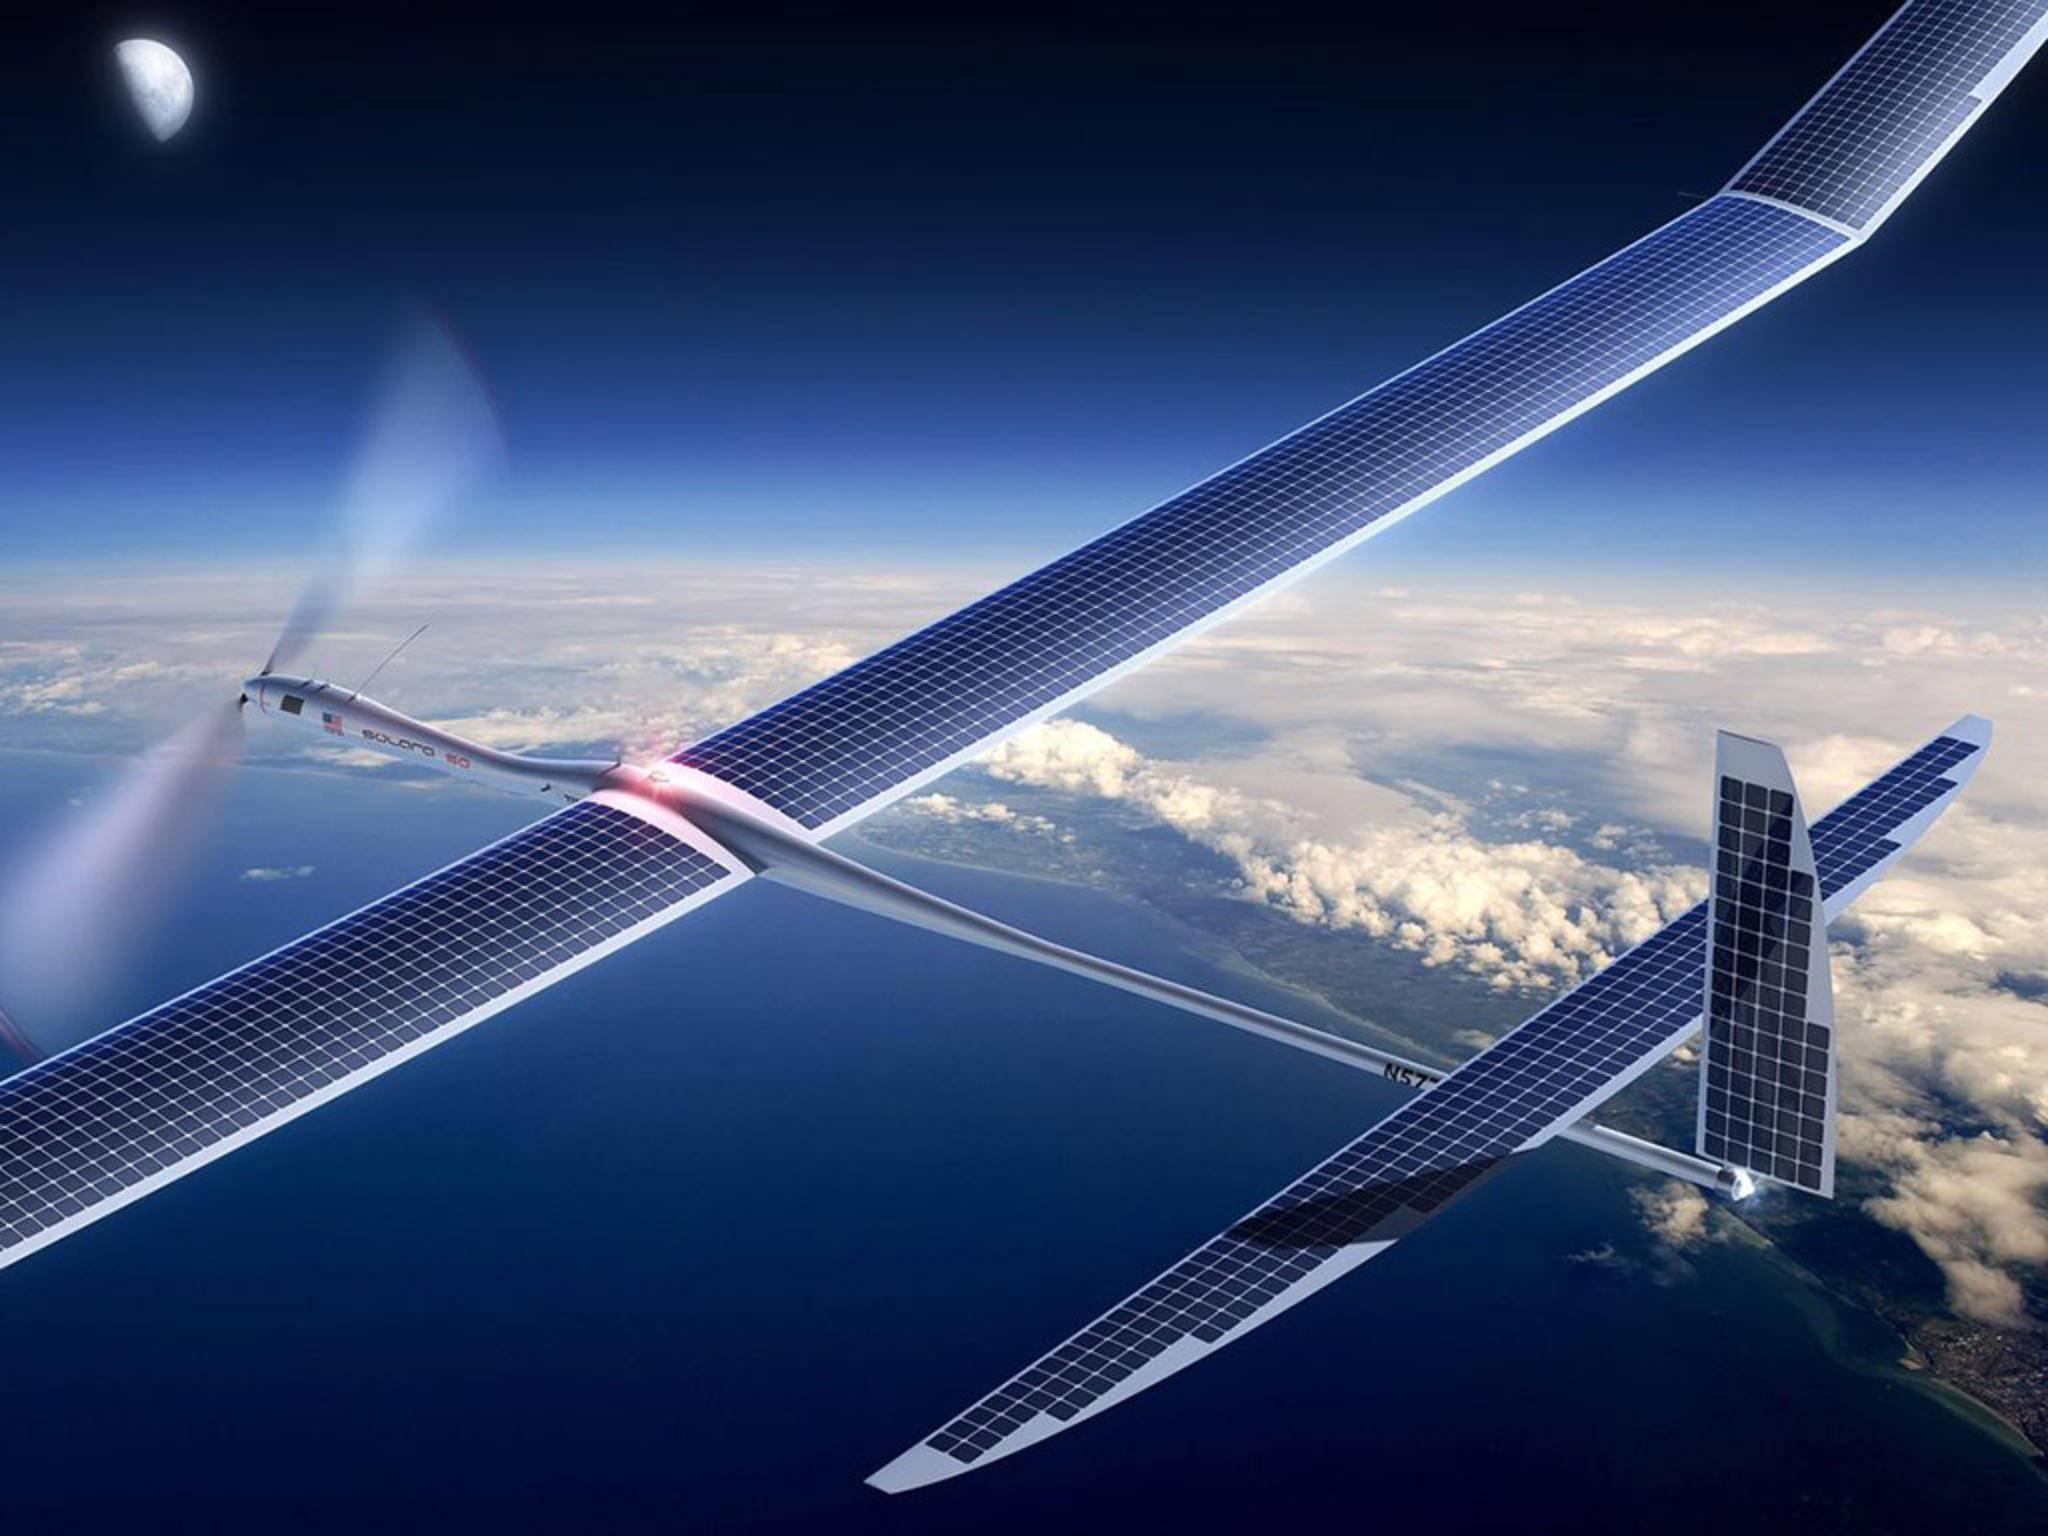 Google plane offenbar, mithilfe von Solardrohnen schnelles Internet zu liefern.